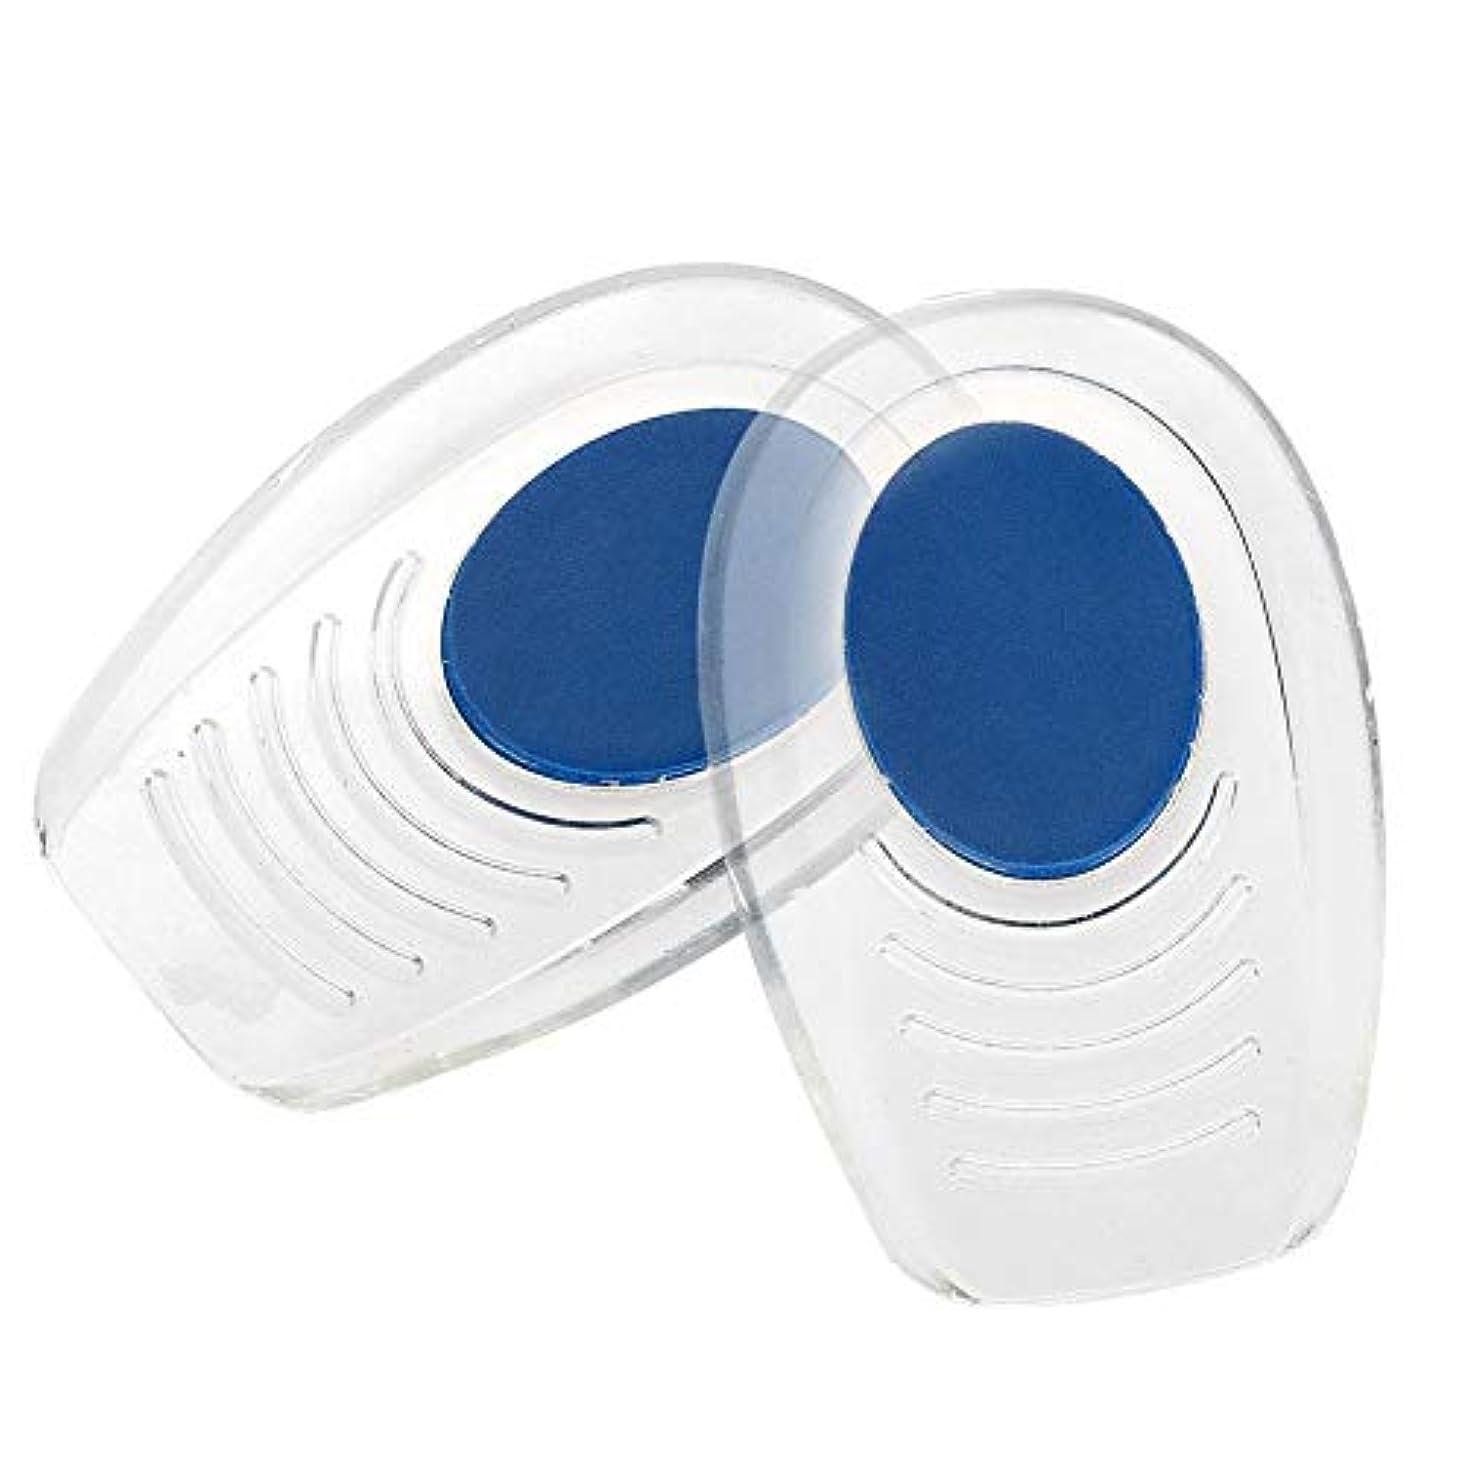 すぐに相反する裕福なソフトインソール かかと痛みパッド   シリコーン衝撃吸収ヒールパッド (滑り止めテクスチャー付) ブルー パッドフットケアツール (S(7*10.5CM))